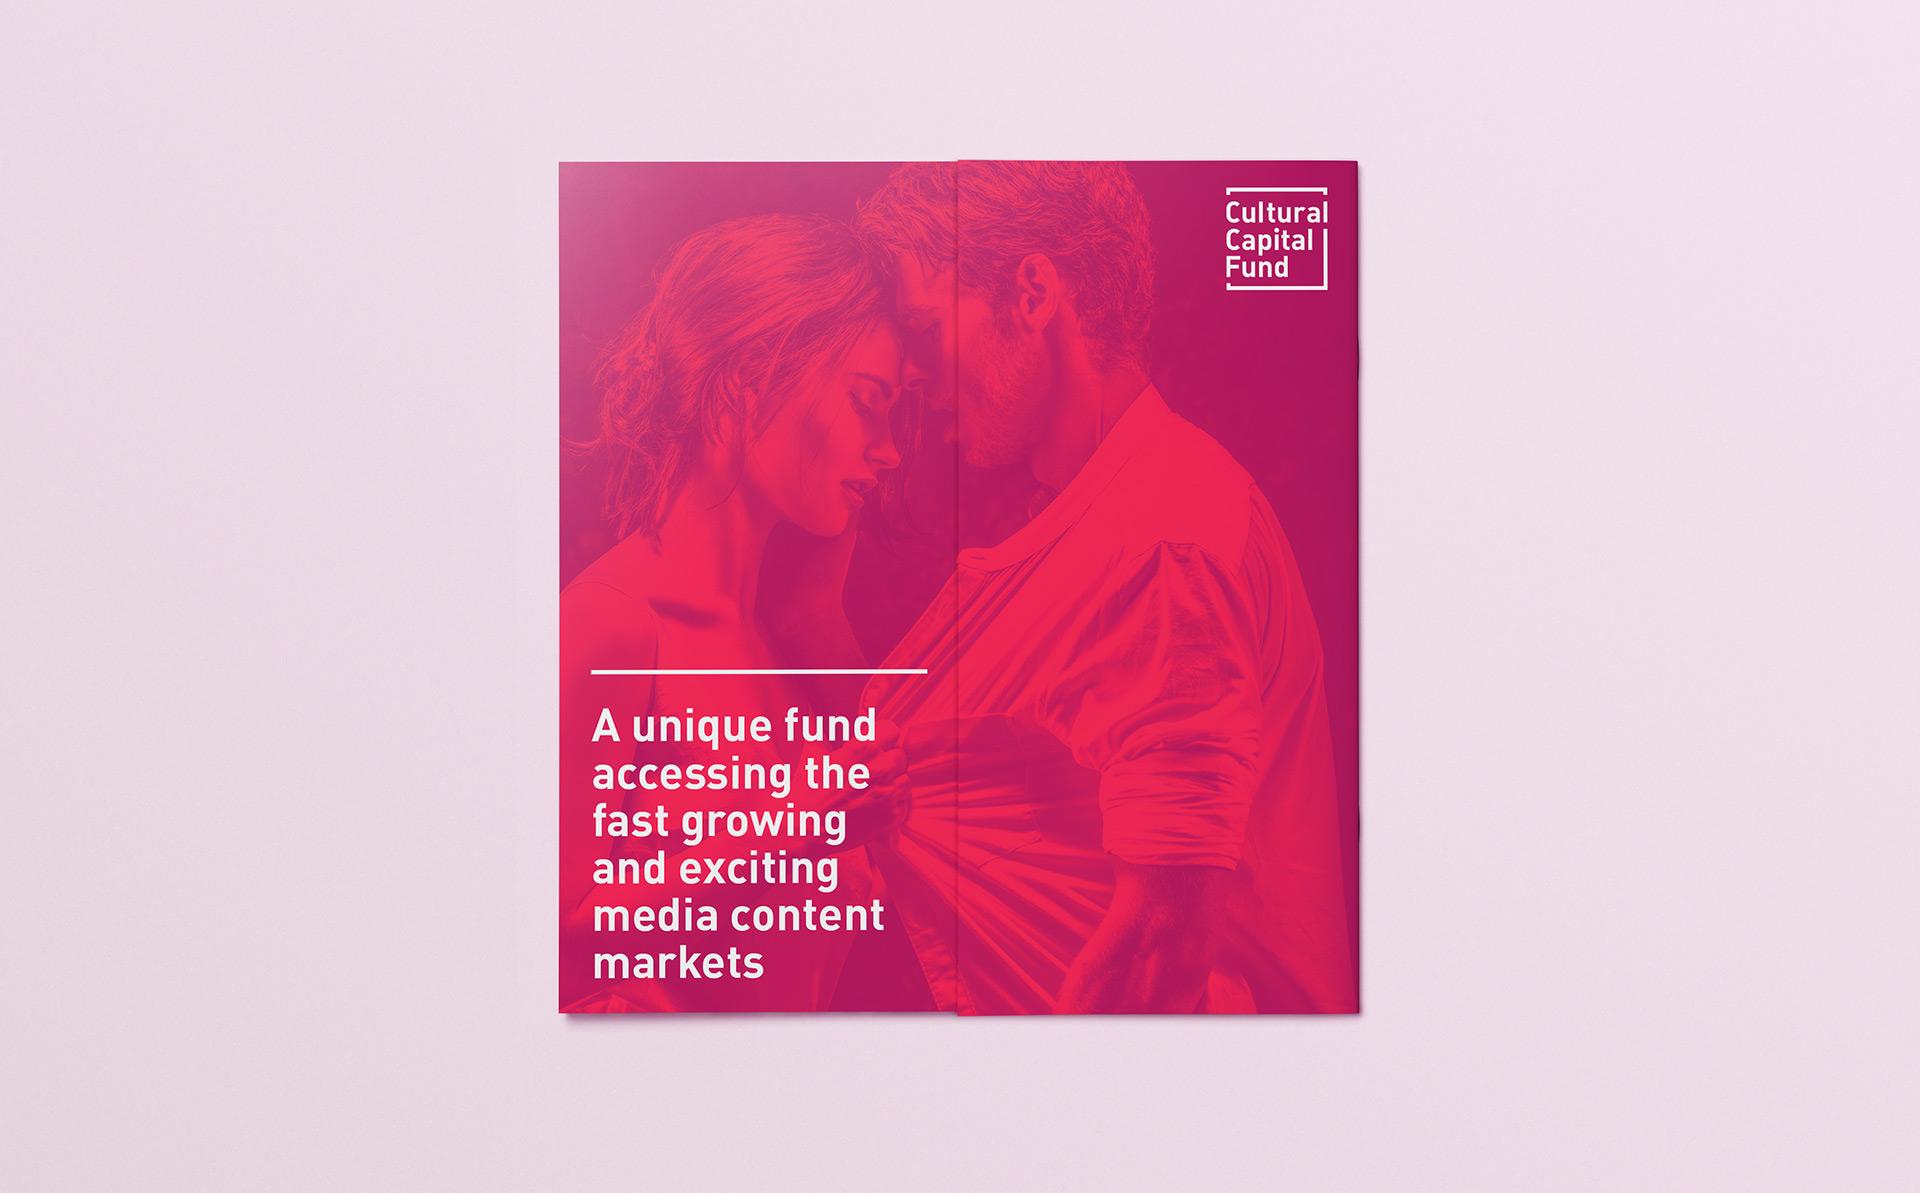 Cultural-Capital-Fund-2